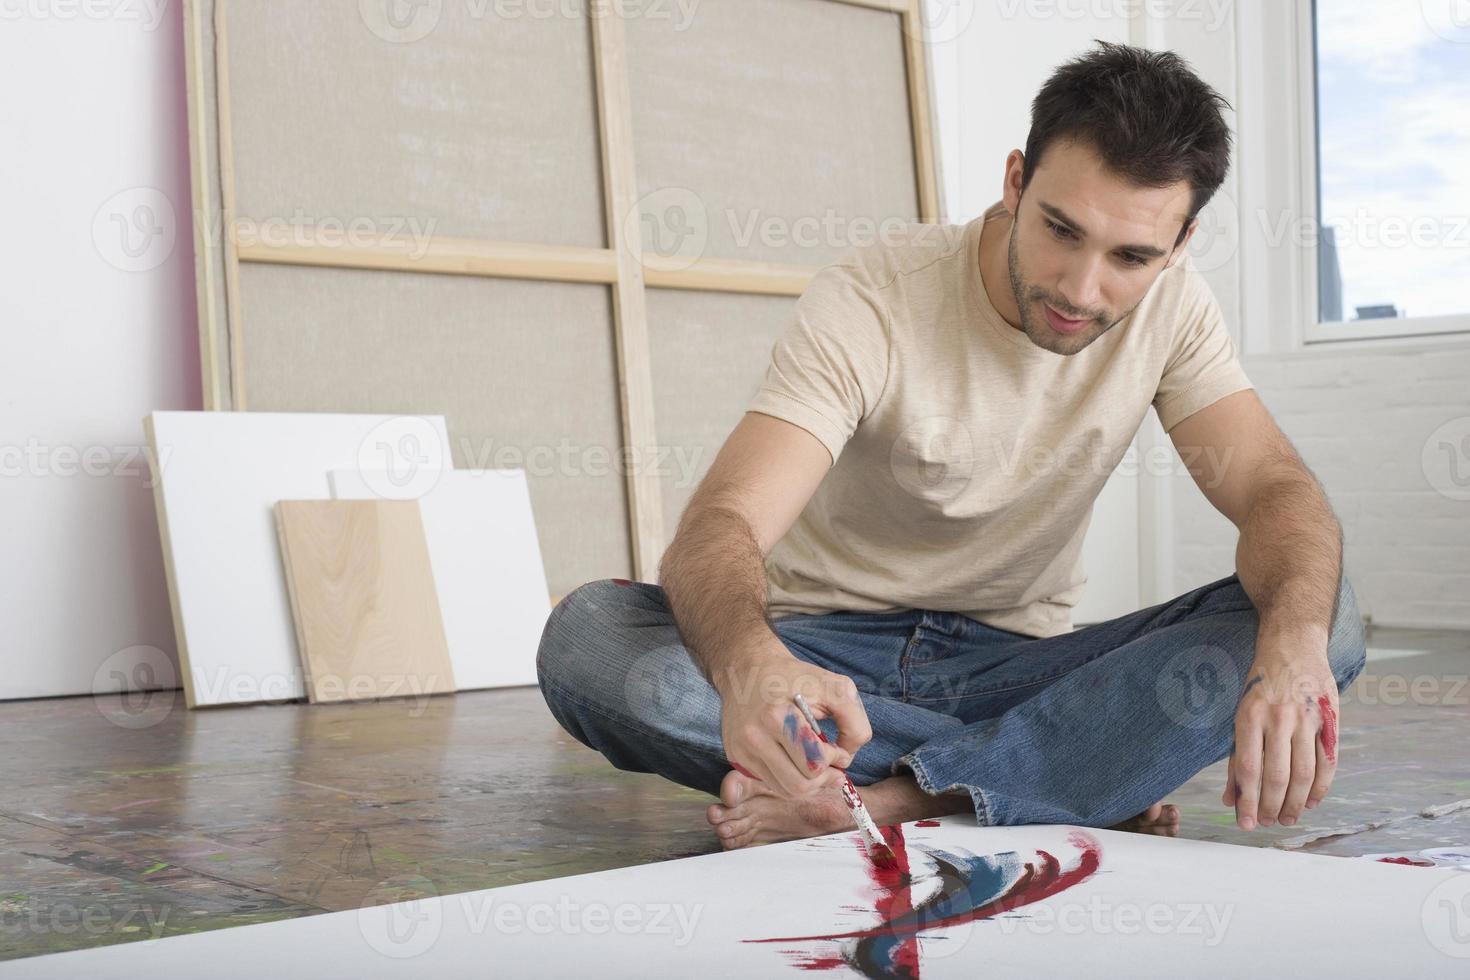 hombre pintando sobre lienzo en estudio foto